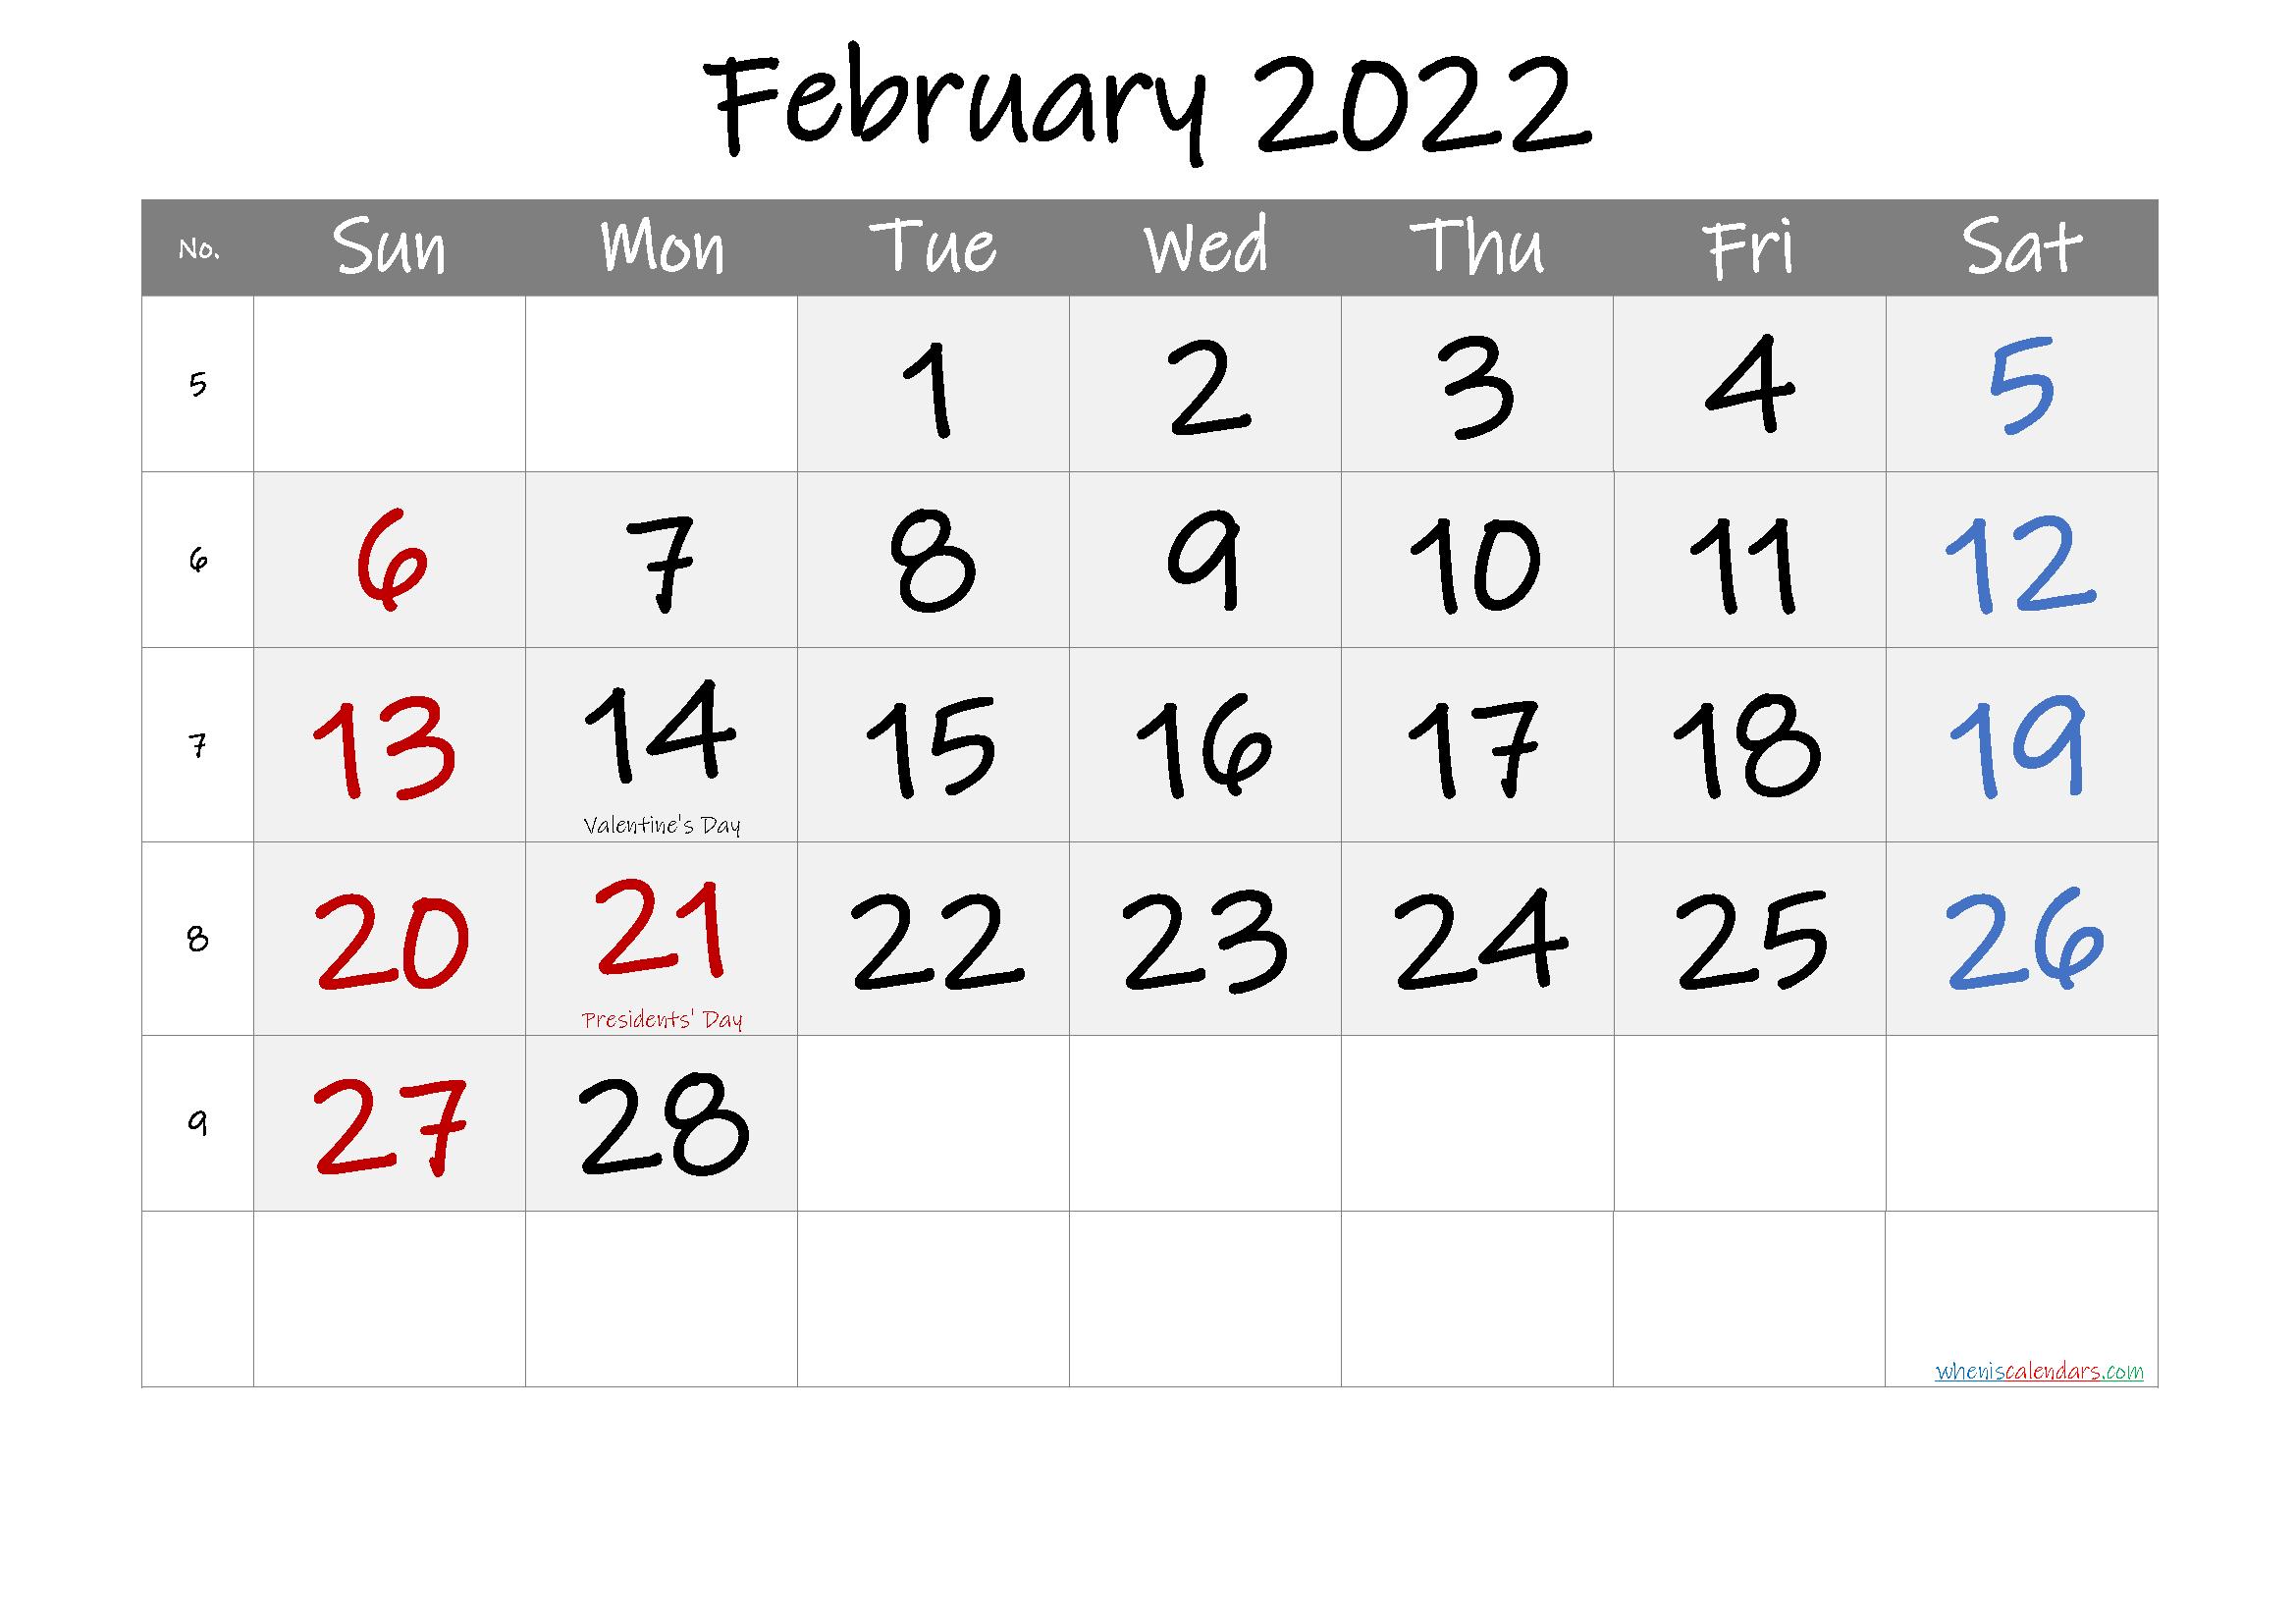 Febuary 2022 Calendar.Free Printable February 2022 Calendar Printable Calendar Template Calendar Template Calendar Printables